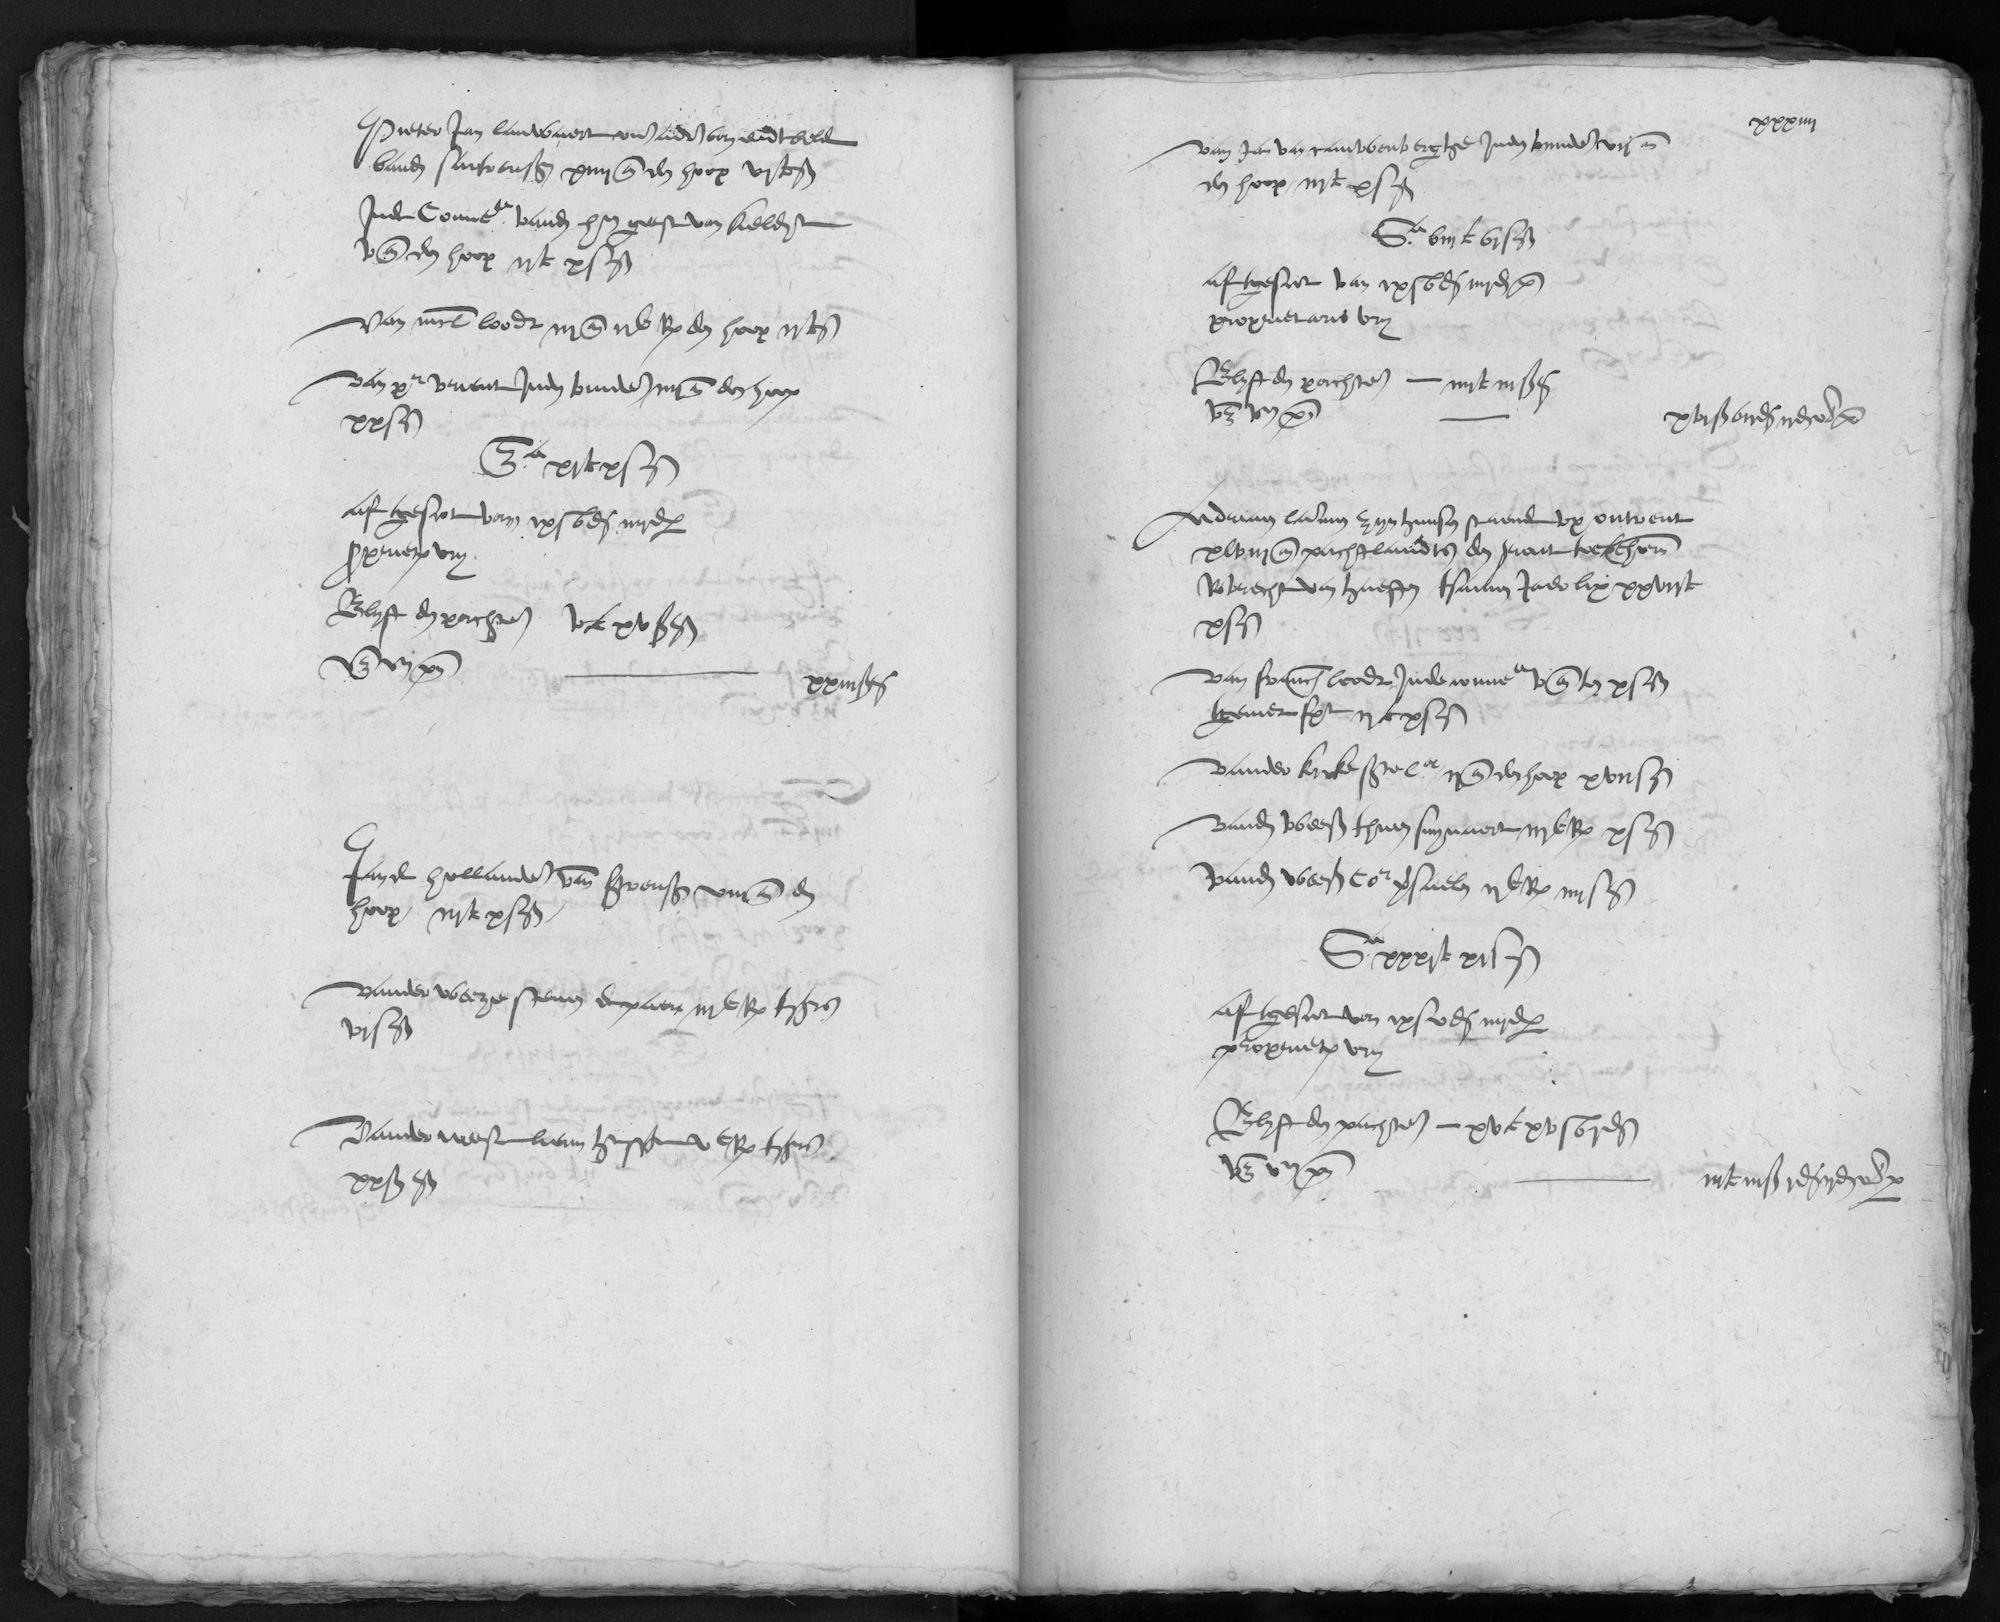 Kohier van de 5de penning in Saaftinge, 1577